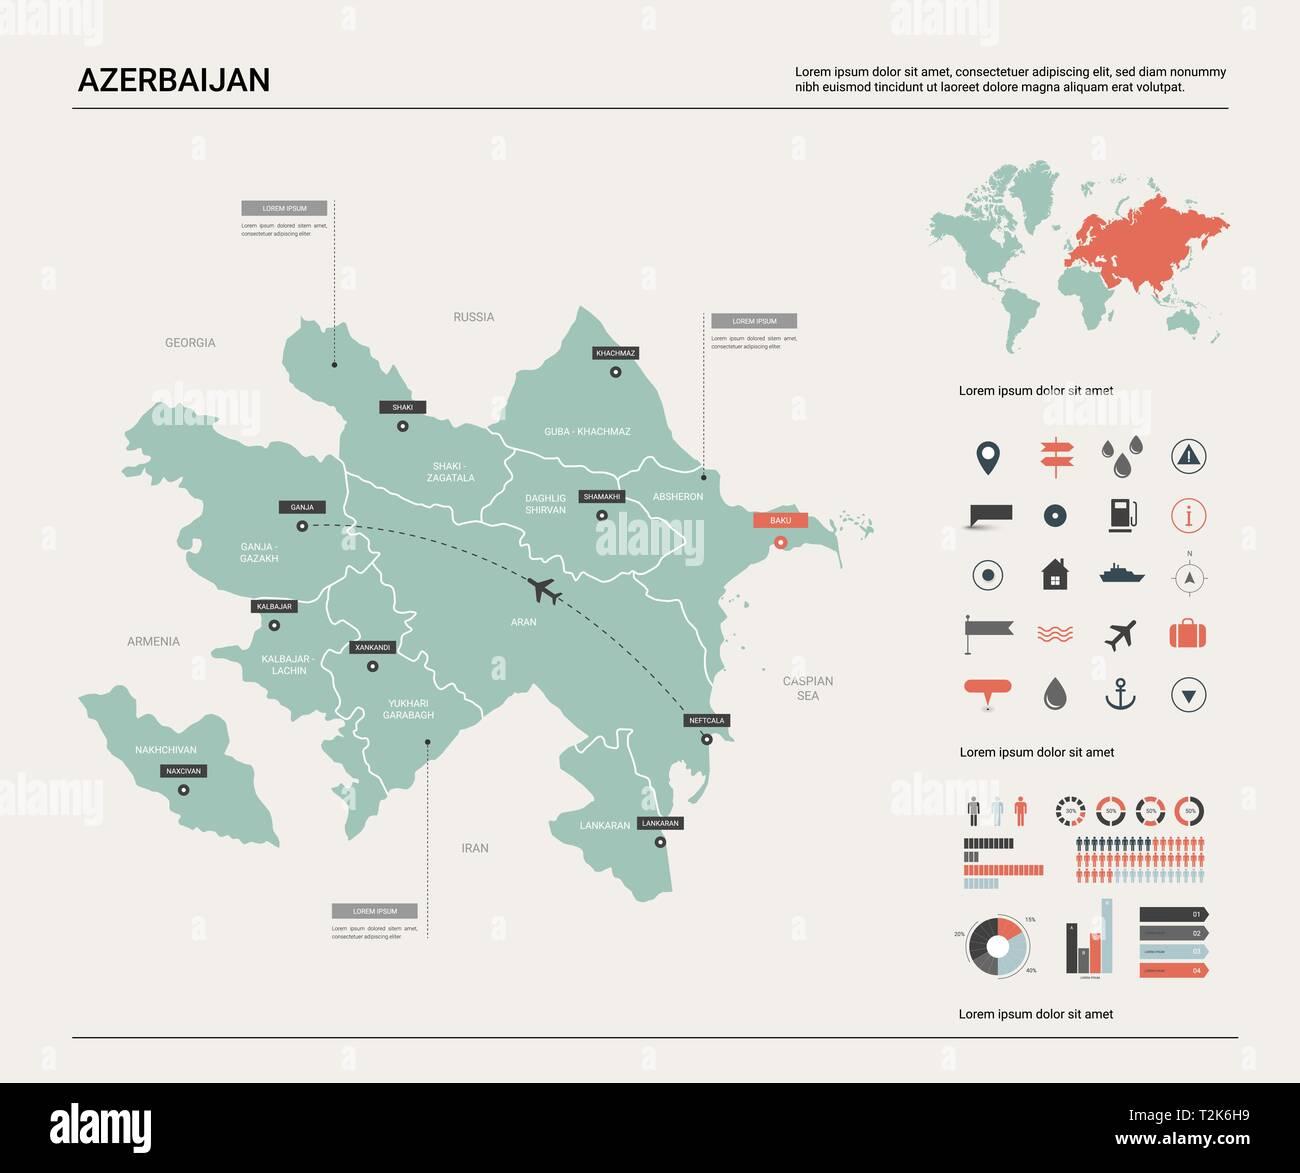 Vektor Karte Von Aserbaidschan Hoch Detaillierte Landkarte Mit Abteilung Stadten Und Der Hauptstadt Baku Politische Landkarte Weltkarte Infografik Elemente Stock Vektorgrafik Alamy